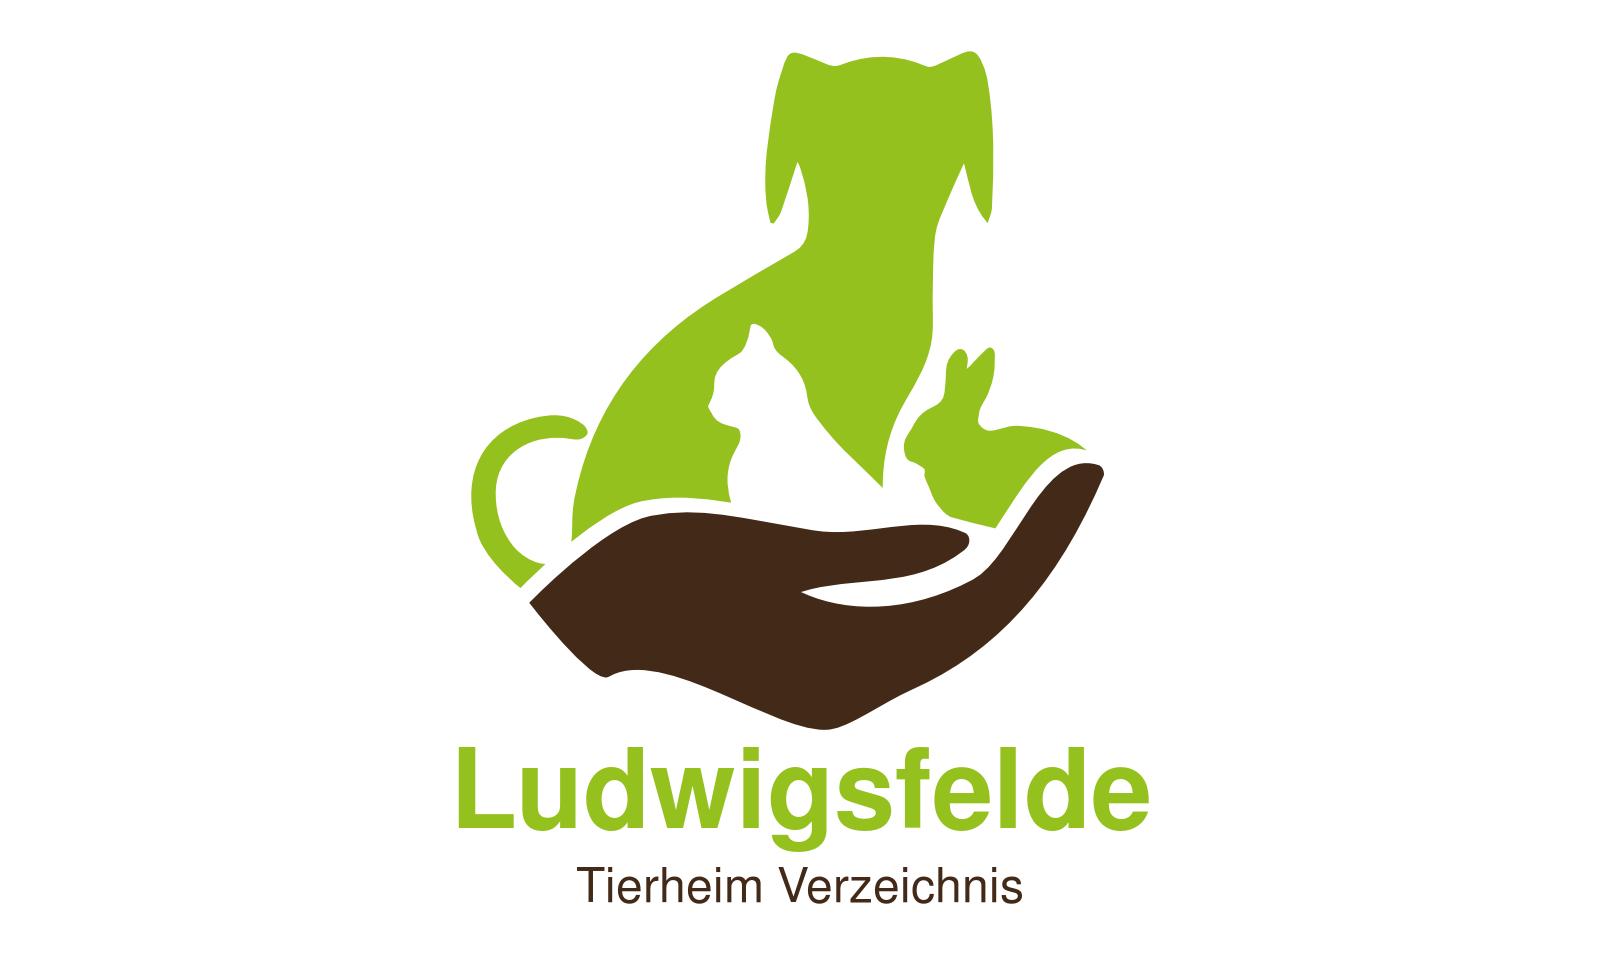 Tierheim Ludwigsfelde